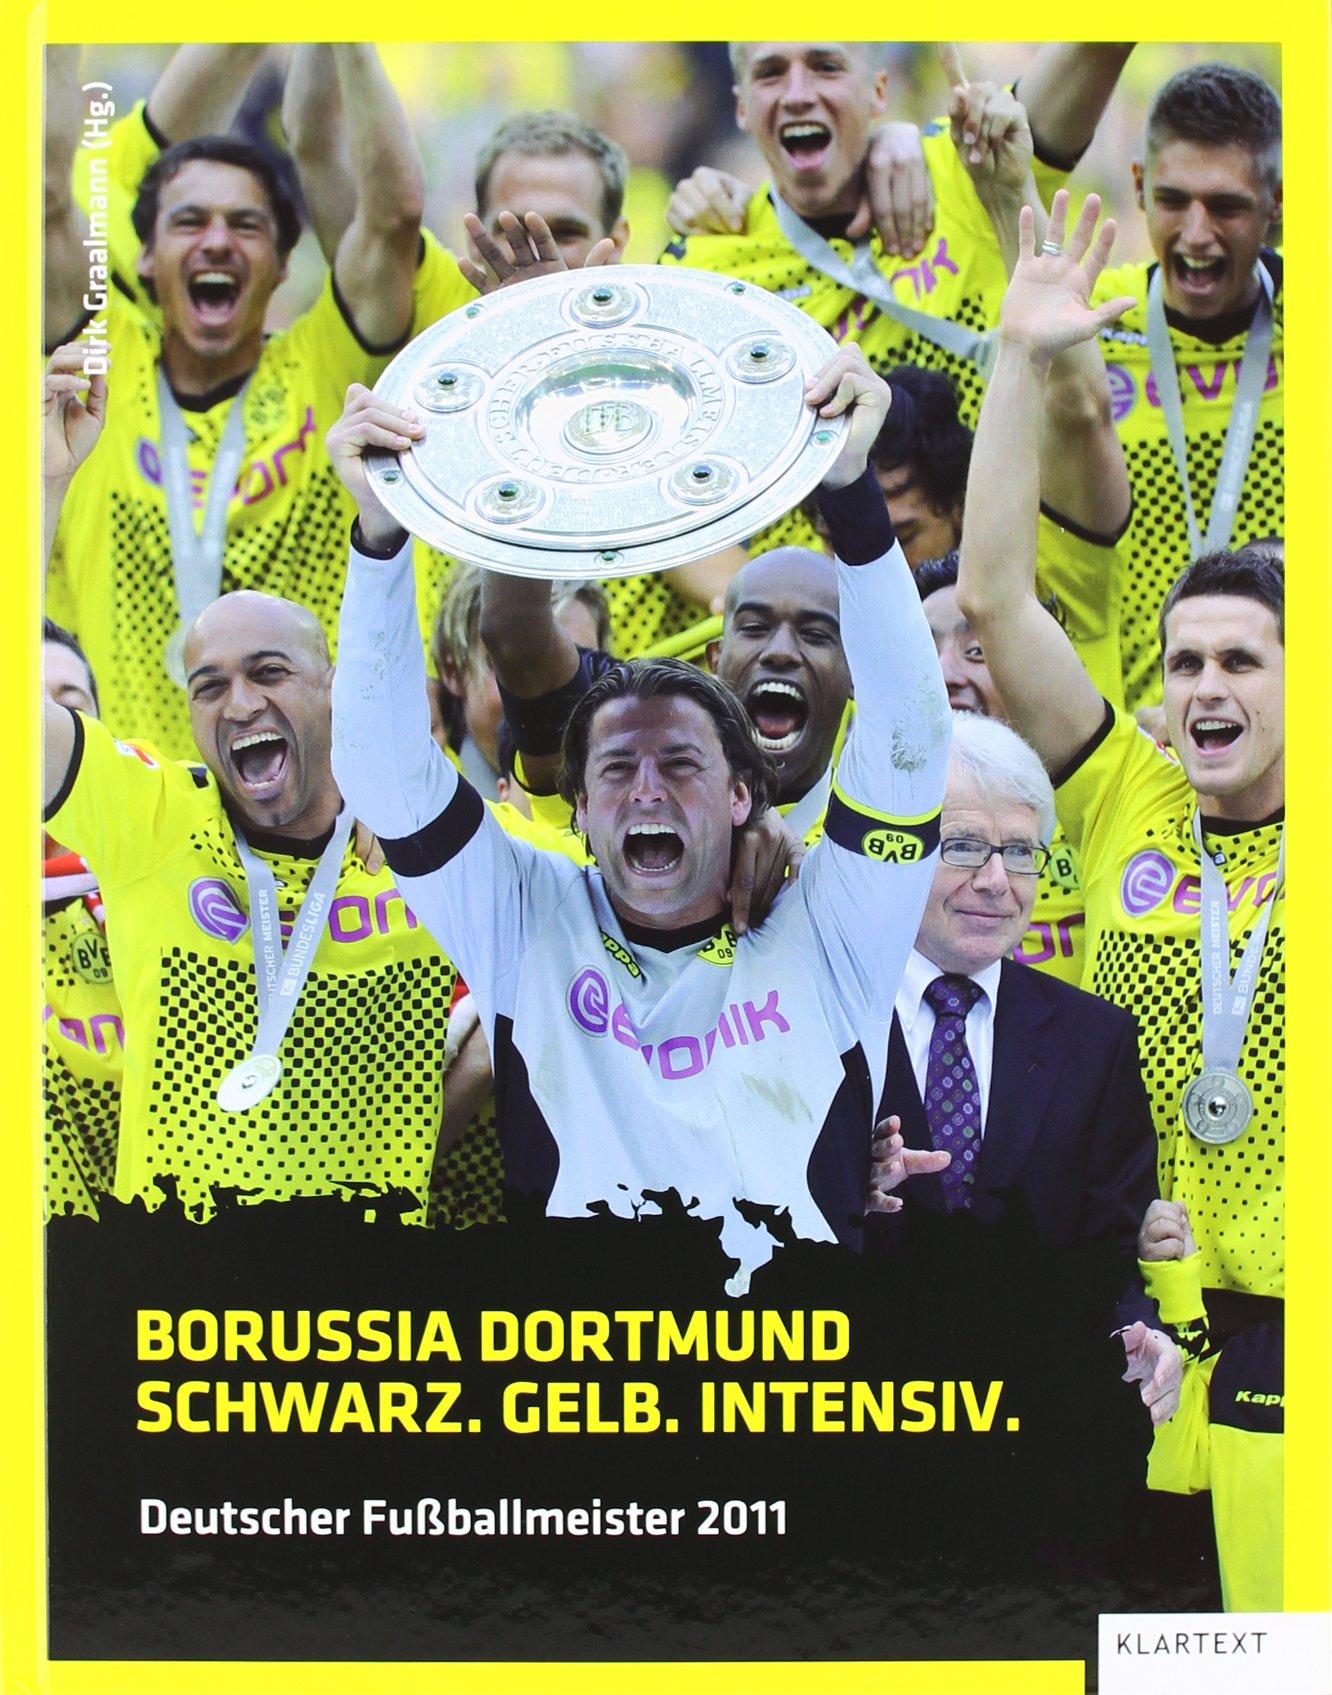 borussia-dortmund-schwarz-gelb-intensiv-deutscher-fussballmeister-2011